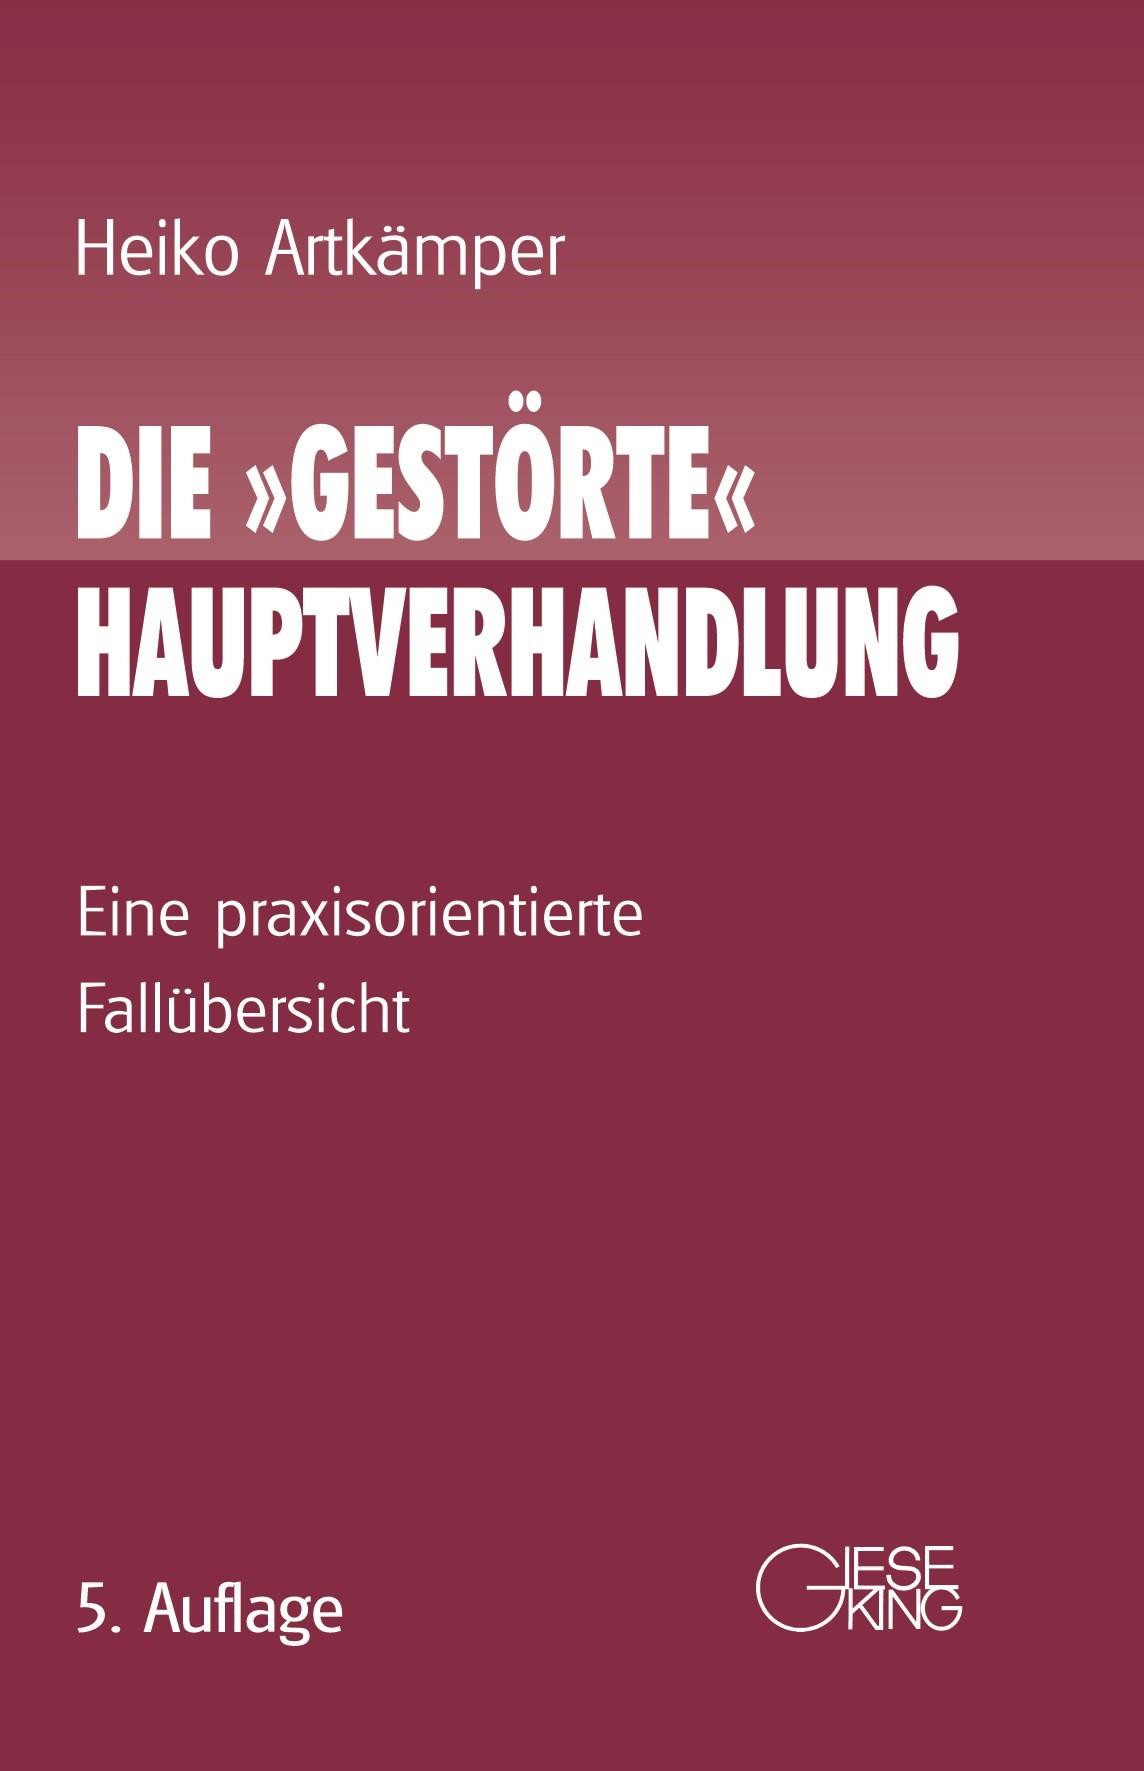 Die »gestörte« Hauptverhandlung | Artkämper | 5., neu bearbeitete Auflage, 2017 | Buch (Cover)